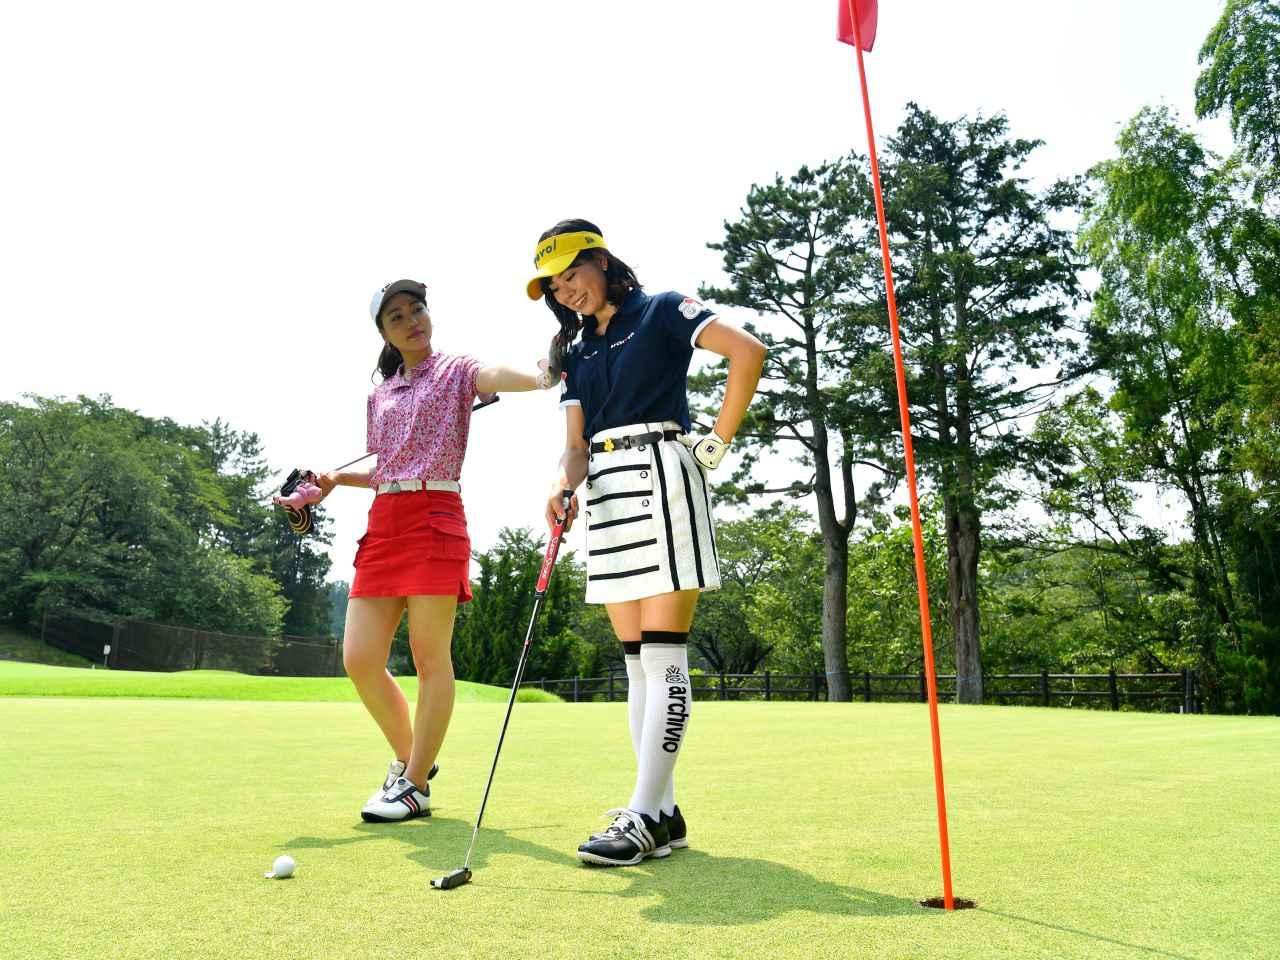 画像4: 【ゴルフルール理解度クイズ】〇か✖か何問正解できる? 新ルールになってはや1年、80点以上で合格